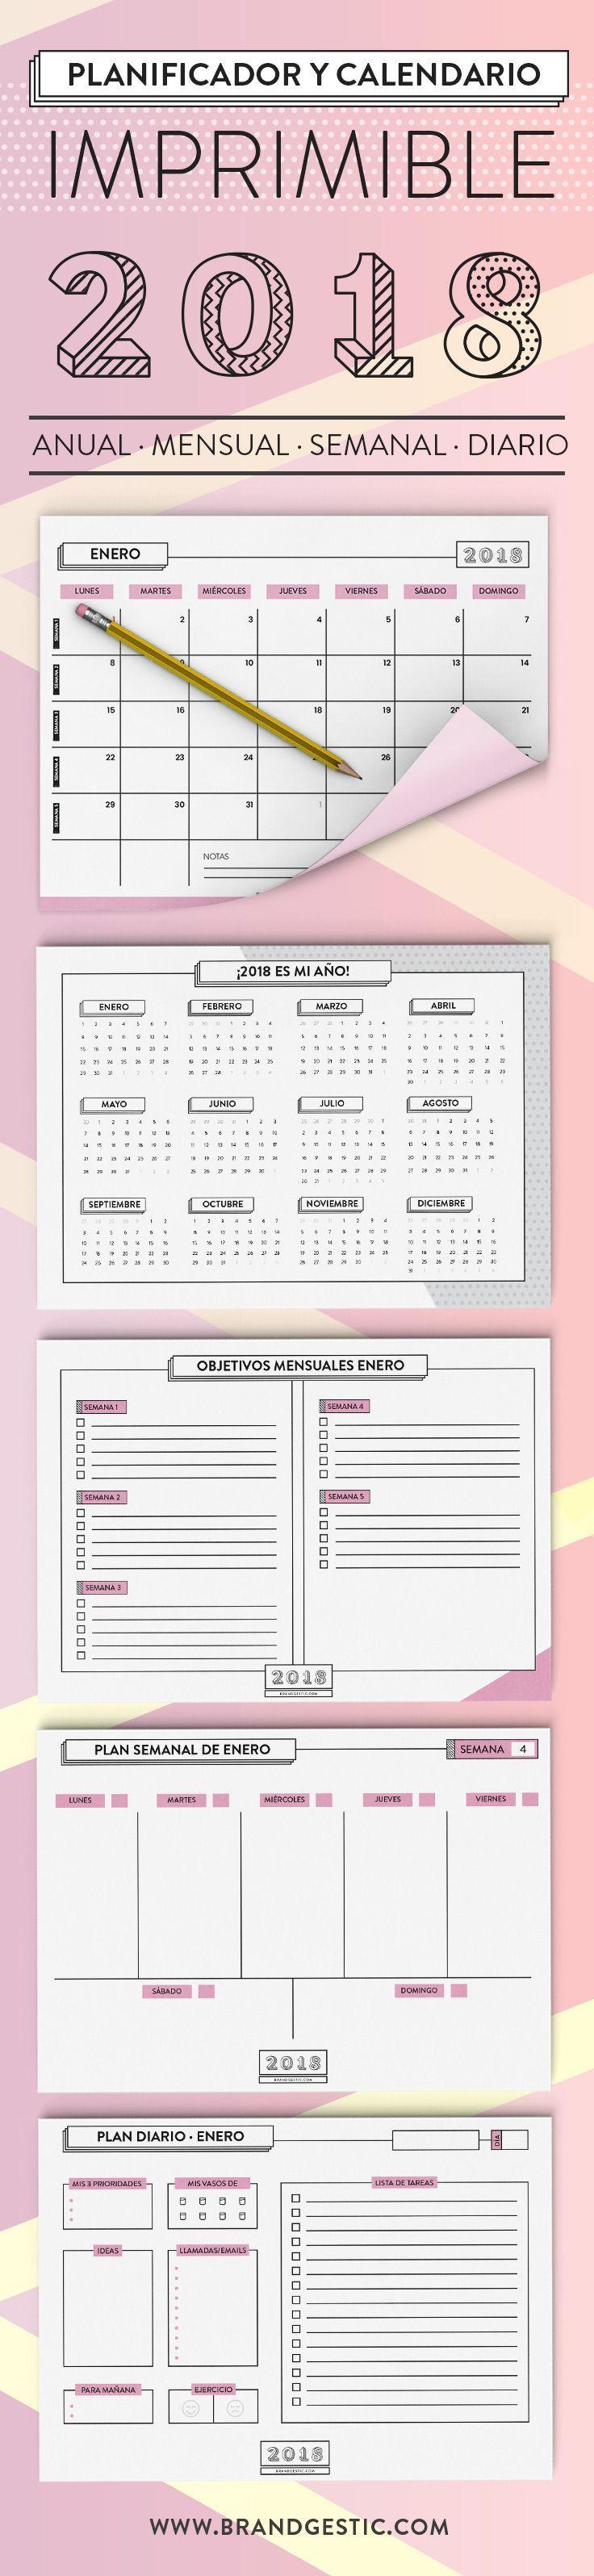 Planificador y calendario imprimible 2018 - Calendario mensual, planificador mensual por objetivos, planificador semanal y planificador diario tipo bullet journal